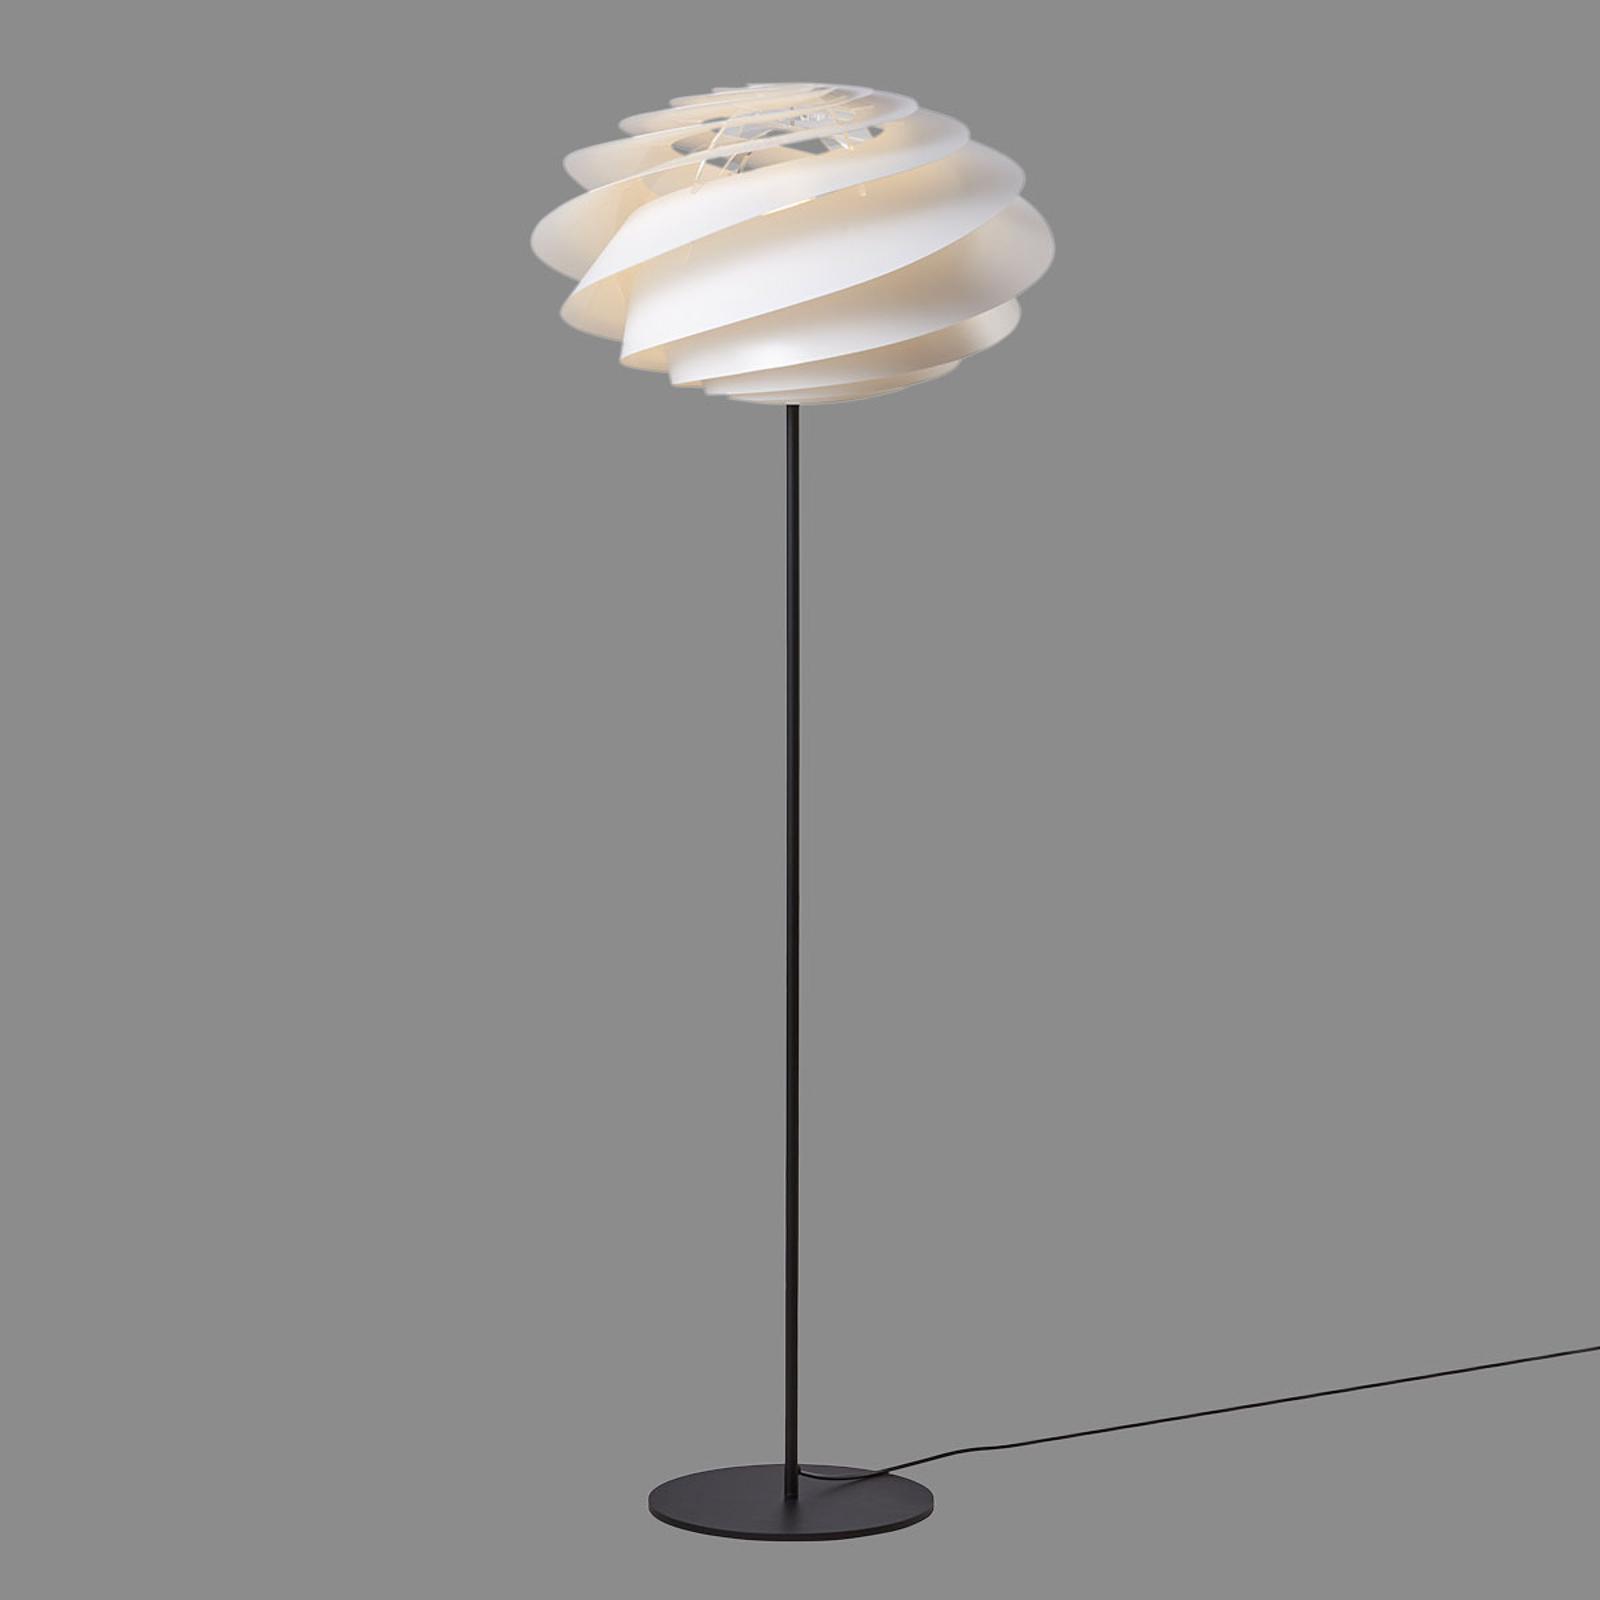 LE KLINT Swirl - weiße Designer-Stehleuchte